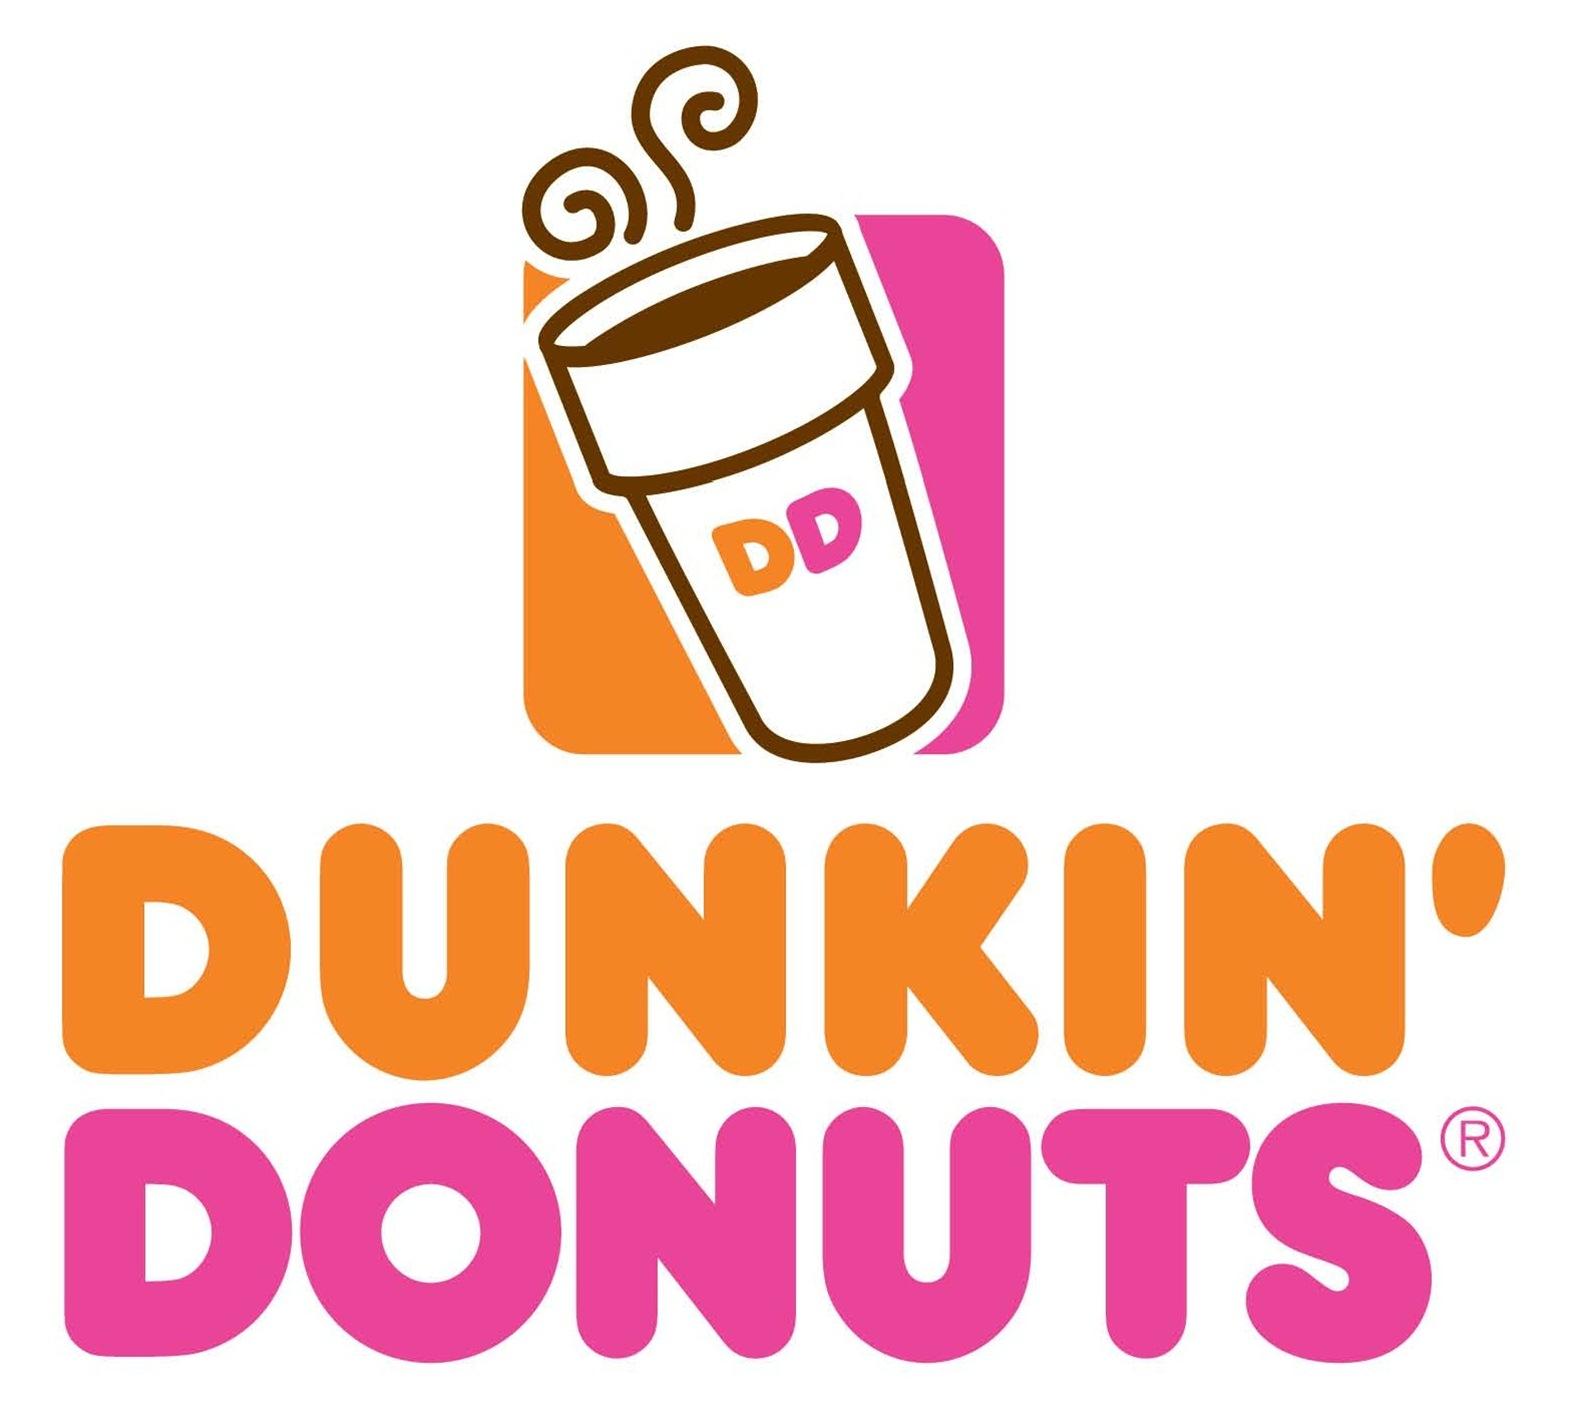 dunkin' donuts_1501270527712.jpg